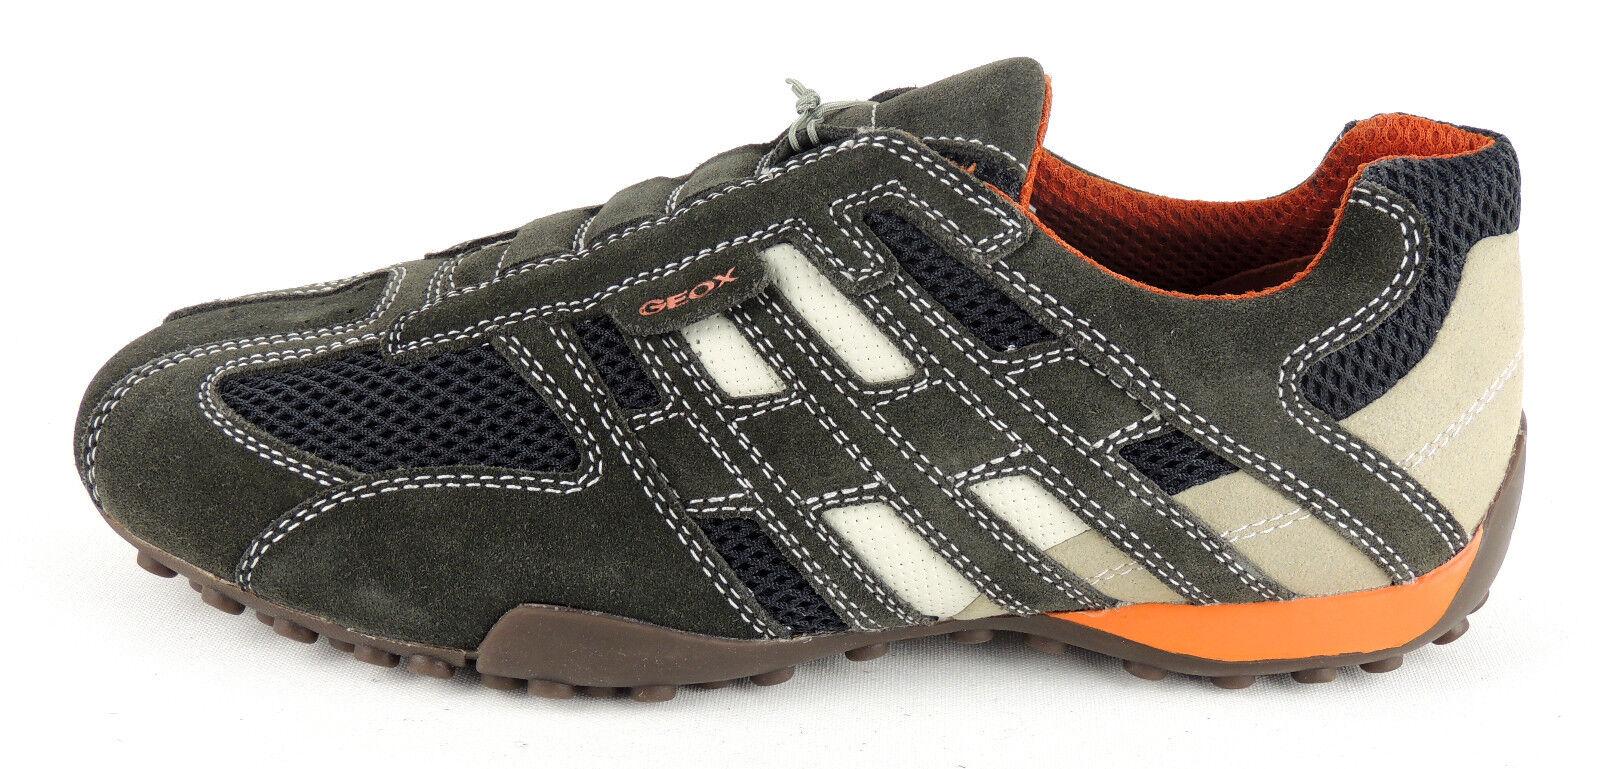 GEOX  Herren SNAKE Sneaker / Slipper  SNAKE Herren  dark Gris  Wildlederleder/Nylon dd5113